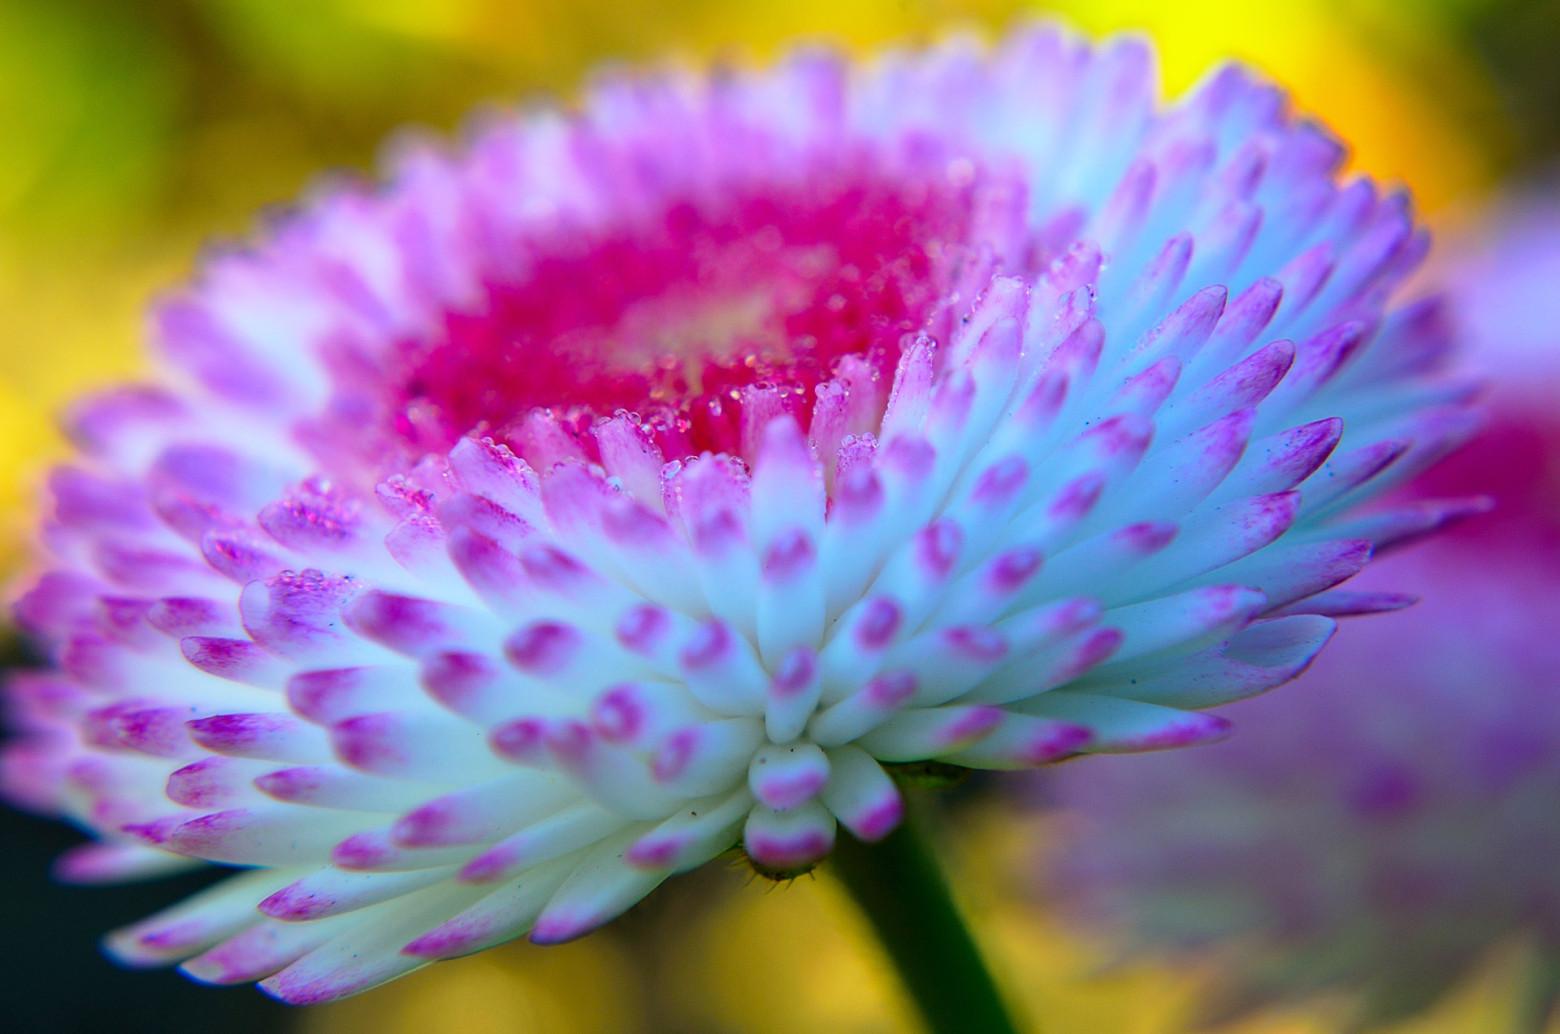 jolie fleur   images gratuites et libres de droits